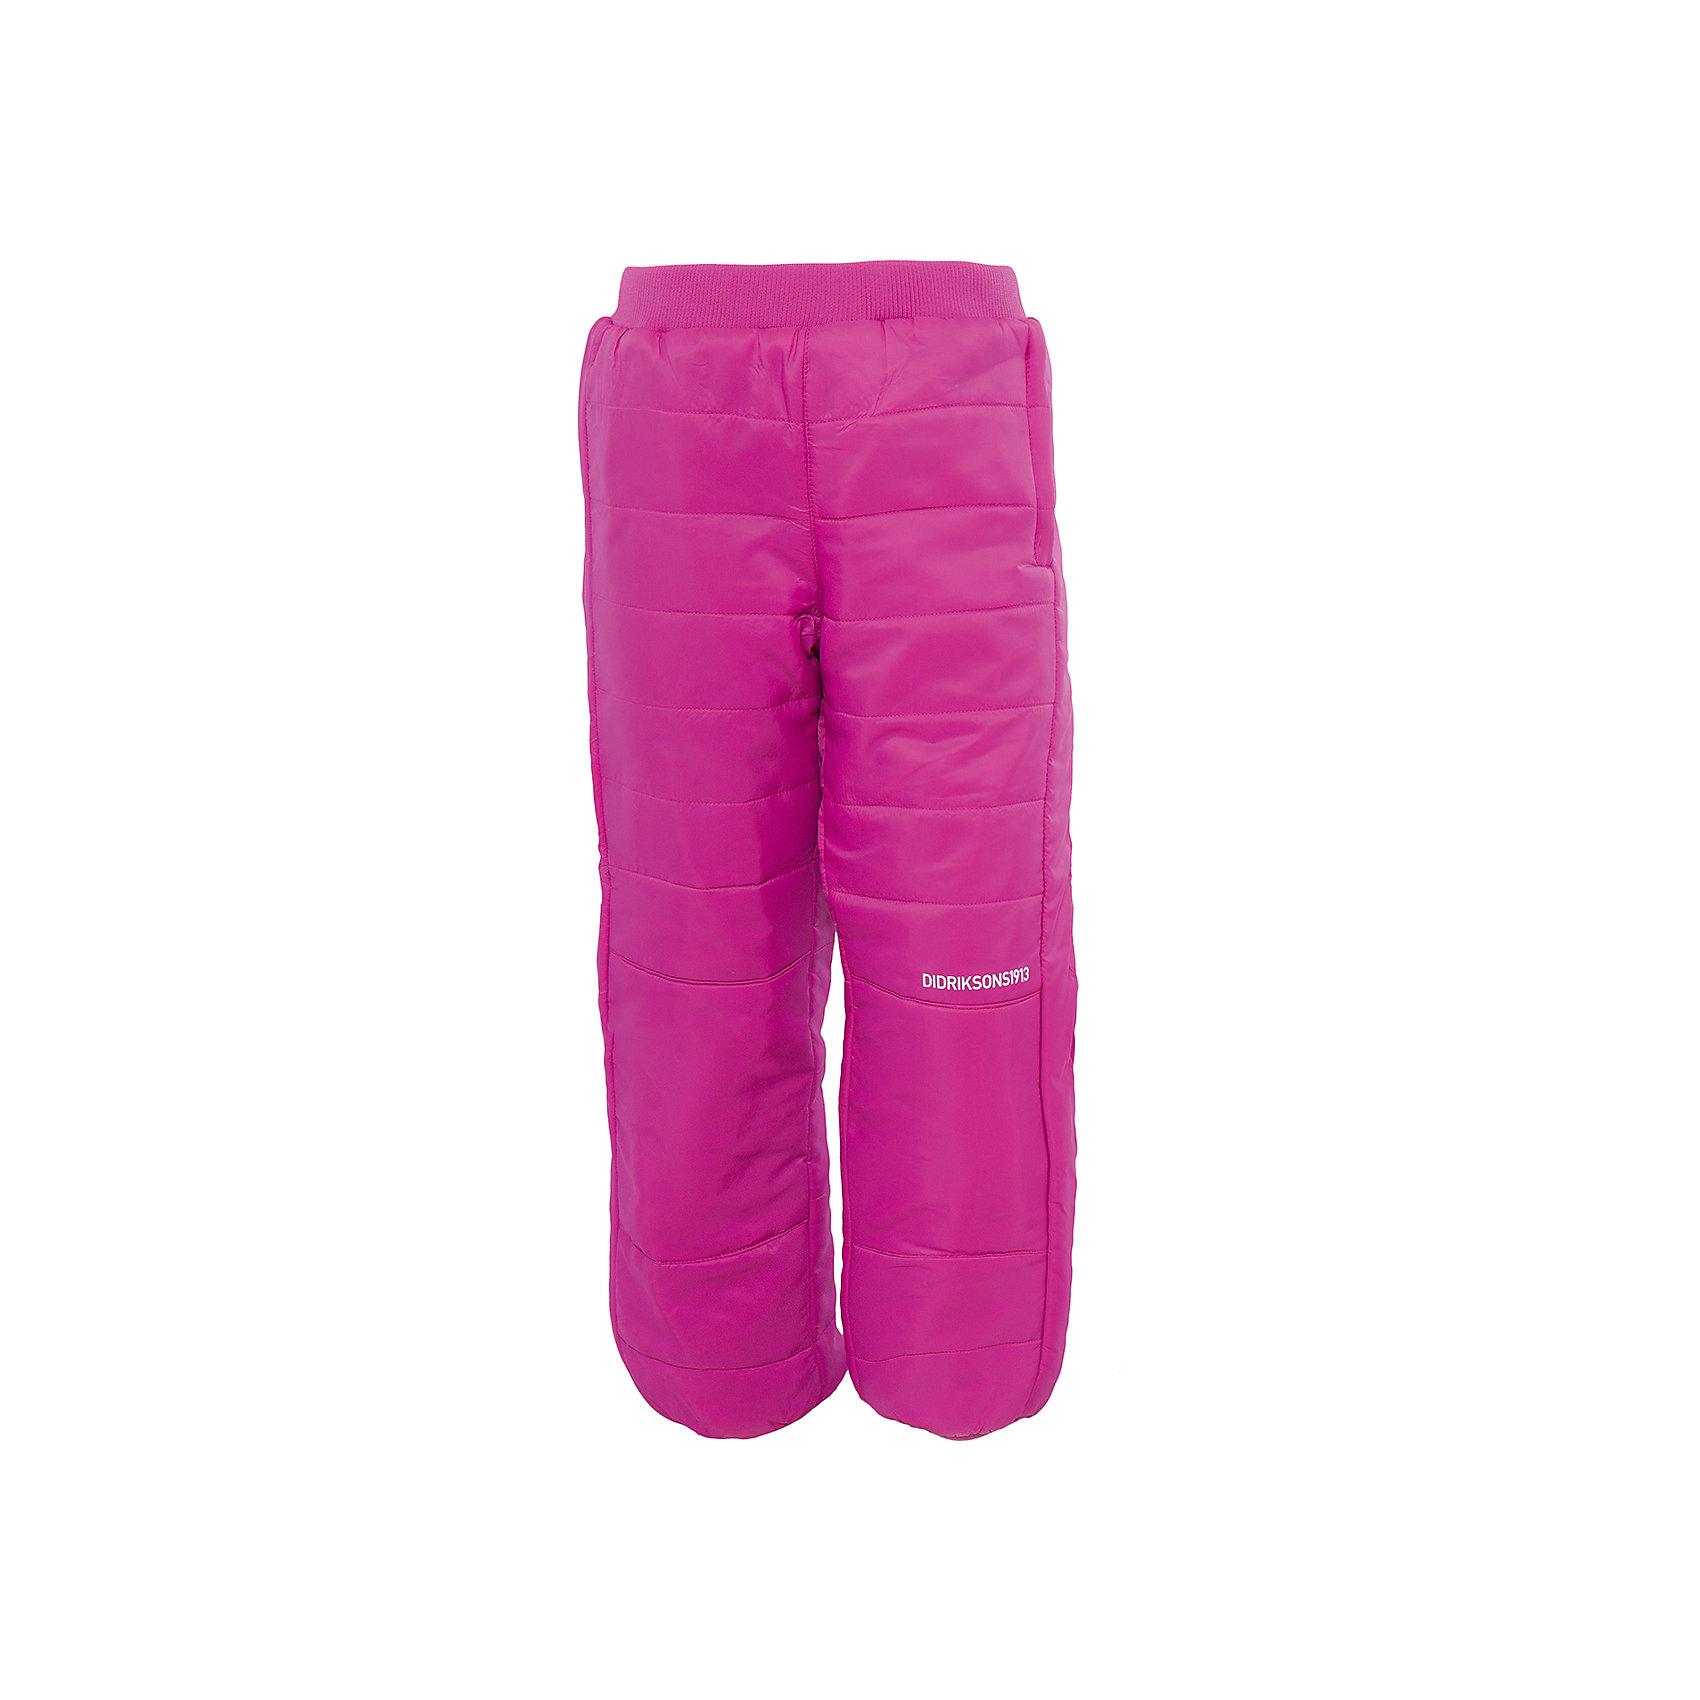 Брюки Kilpa для девочки DIDRIKSONSВерхняя одежда<br>Характеристики товара:<br><br>• цвет: розовый<br>• материал: 100% полиэстер, подкладка 100% полиэстер<br>• стеганые<br>• температурный режим от +5 до +20, можно использовать в качестве поддёвы<br>• резинка на поясе<br>• страна бренда: Швеция<br>• страна производства: Китай<br><br>Такие стеганые брюки сейчас очень популярны у детей! Это не только стильно, но еще и очень комфортно, а также тепло. Качественные флисовые брюки обеспечат ребенку удобство при прогулках и активном отдыхе в прохладные дне, в межсезонье или зимой. Такая модель от шведского производителя легко стирается, подходит под разные погодные условия.<br>Модель сшита из качественной ткани, дополнена мягкой широкой резинкой на поясе. Очень стильная и удобная модель! Изделие качественно выполнено, сделано из безопасных для детей материалов. <br><br>Брюки для девочки от бренда DIDRIKSONS можно купить в нашем интернет-магазине.<br><br>Ширина мм: 215<br>Глубина мм: 88<br>Высота мм: 191<br>Вес г: 336<br>Цвет: фиолетовый<br>Возраст от месяцев: 12<br>Возраст до месяцев: 15<br>Пол: Женский<br>Возраст: Детский<br>Размер: 80,120,130,140,110,100,90<br>SKU: 5003995